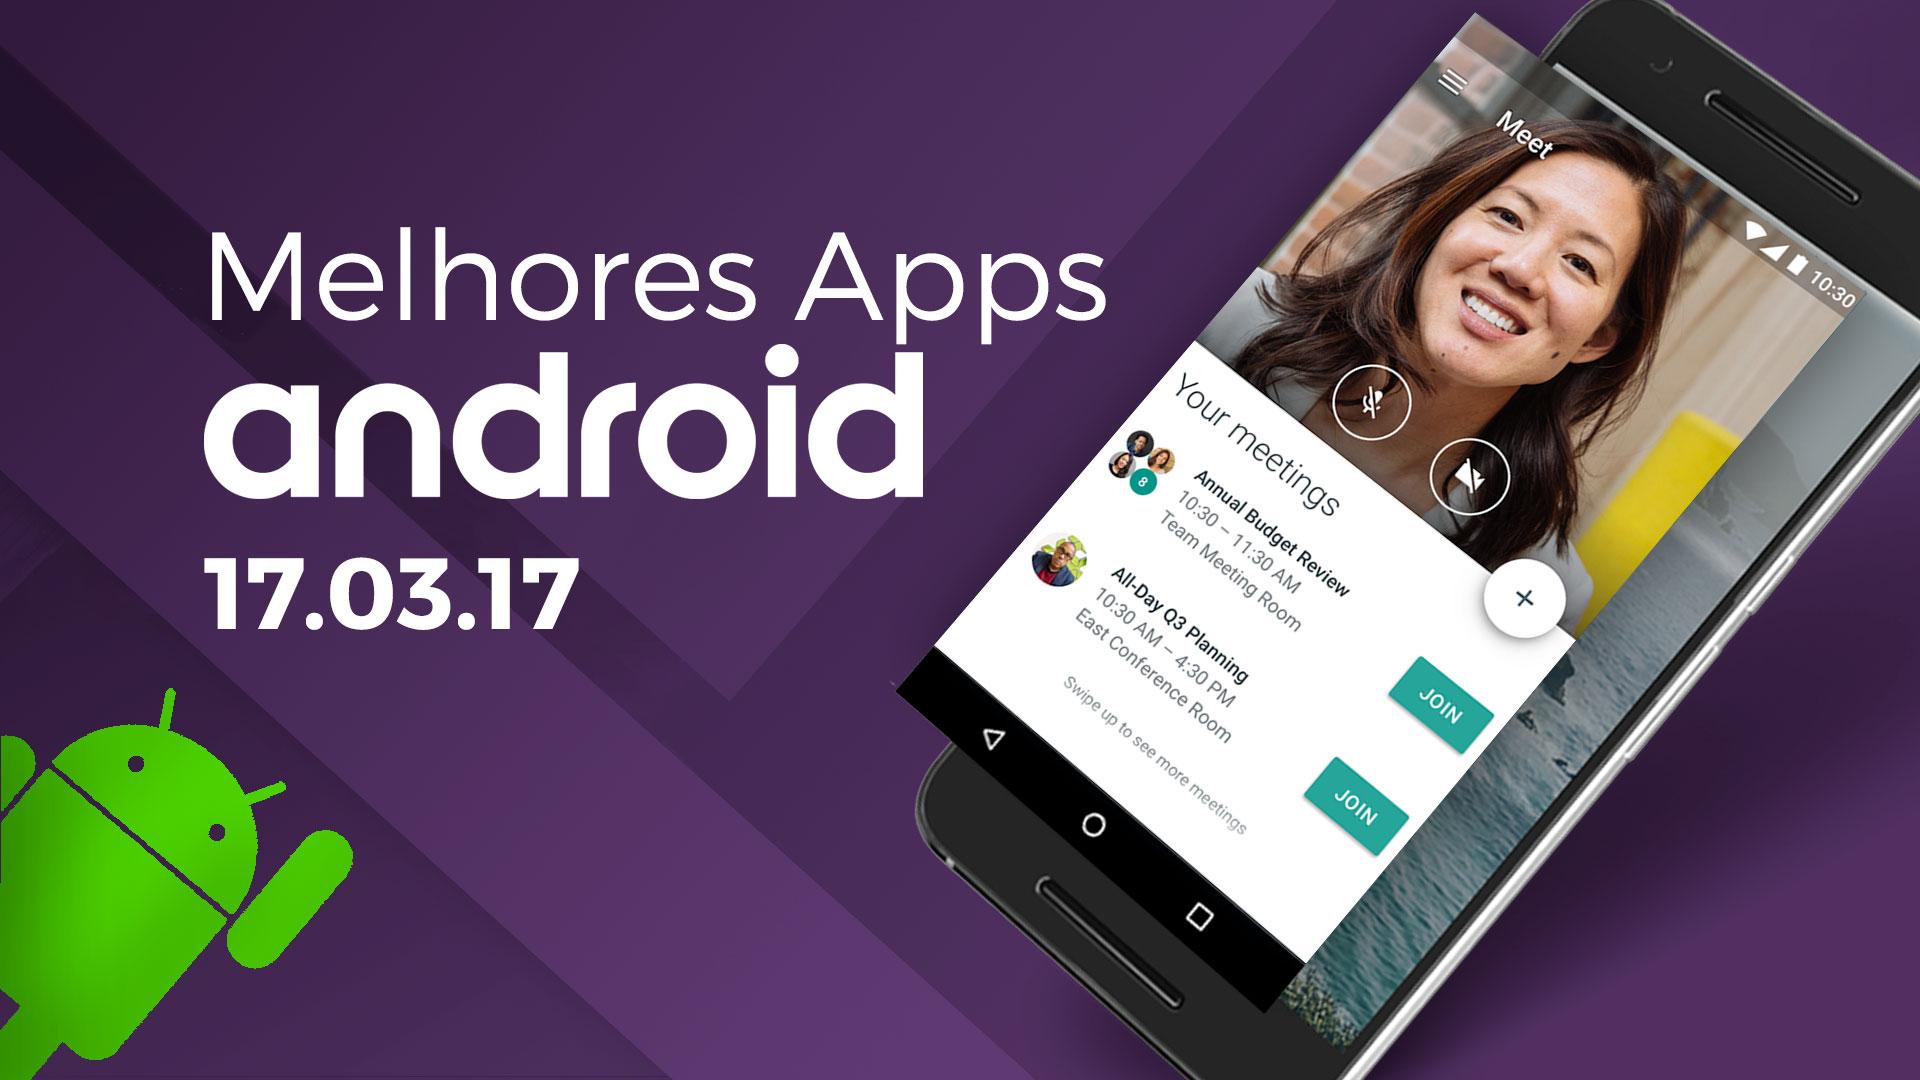 Melhores Apps para Android: 17/03/2017 [vídeo]